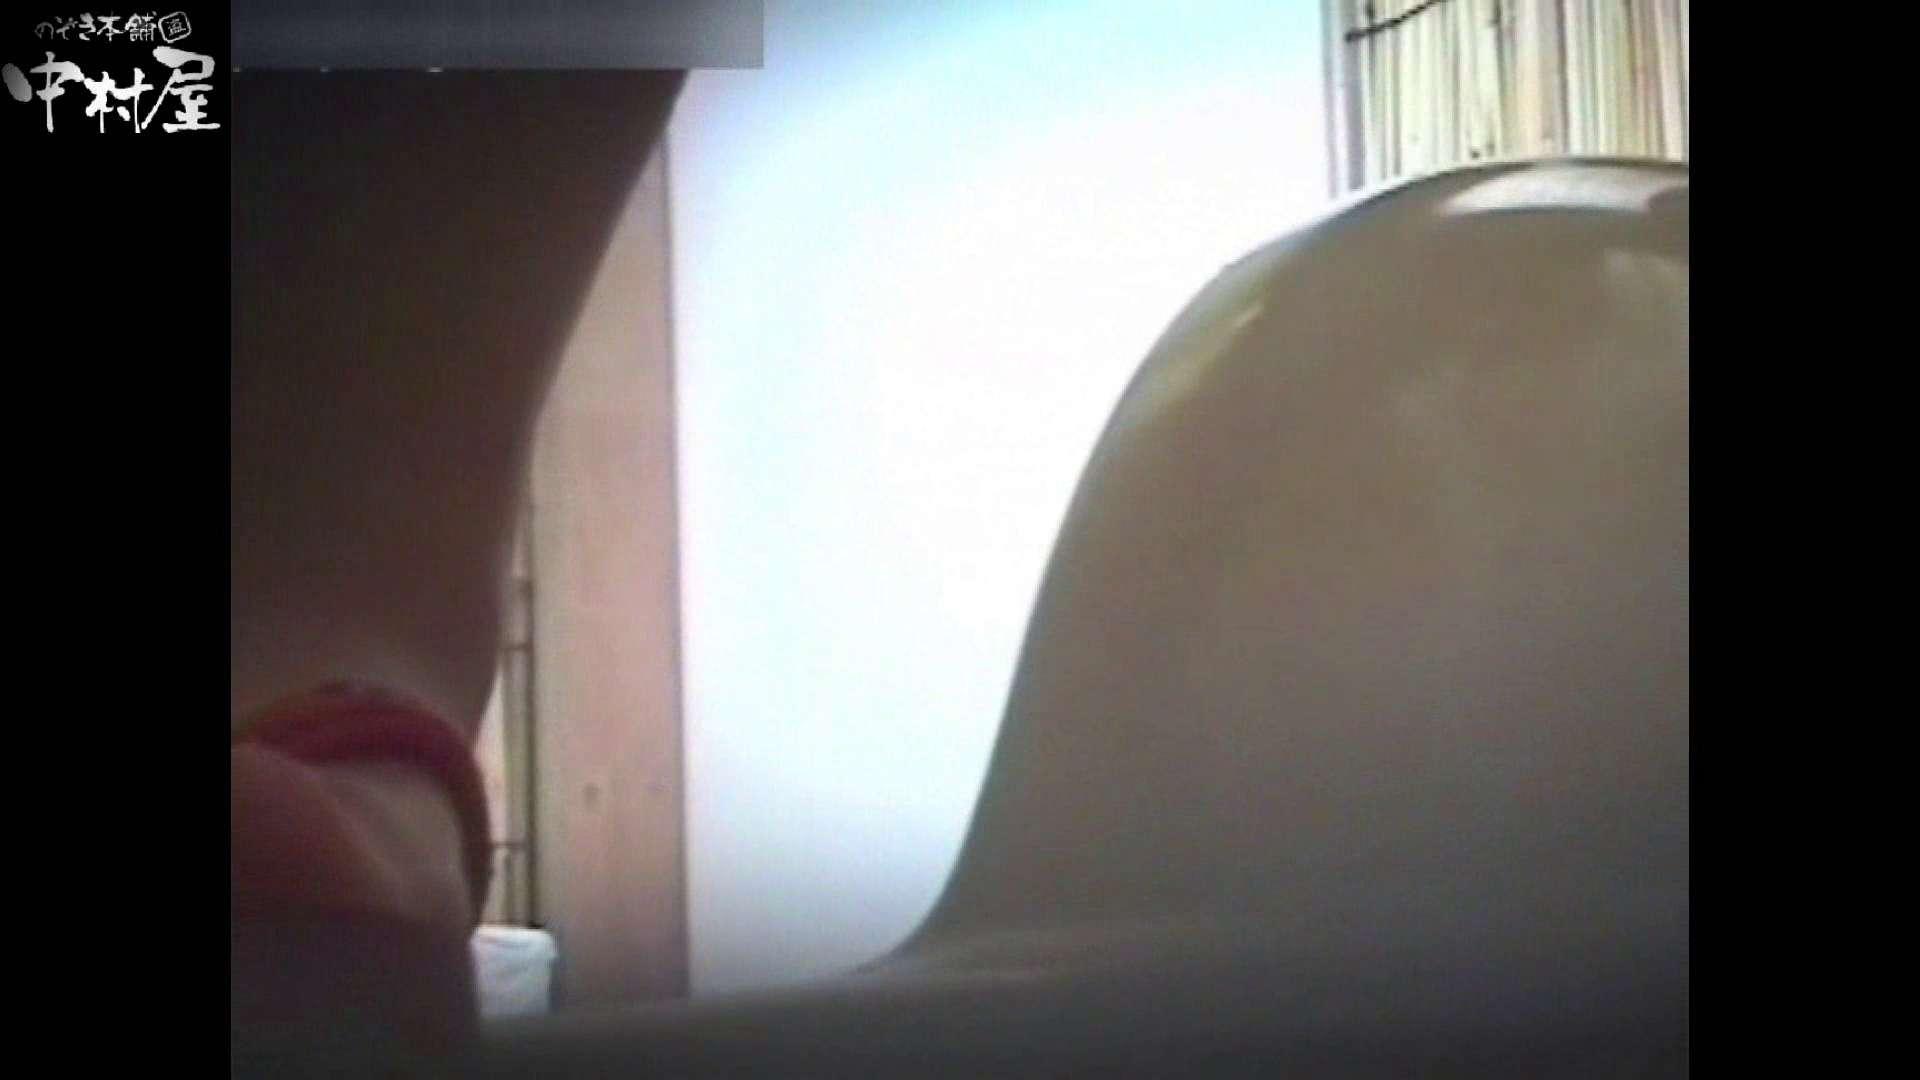 解禁!海の家4カメ洗面所vol.61 洗面所編 AV無料動画キャプチャ 99PIX 53